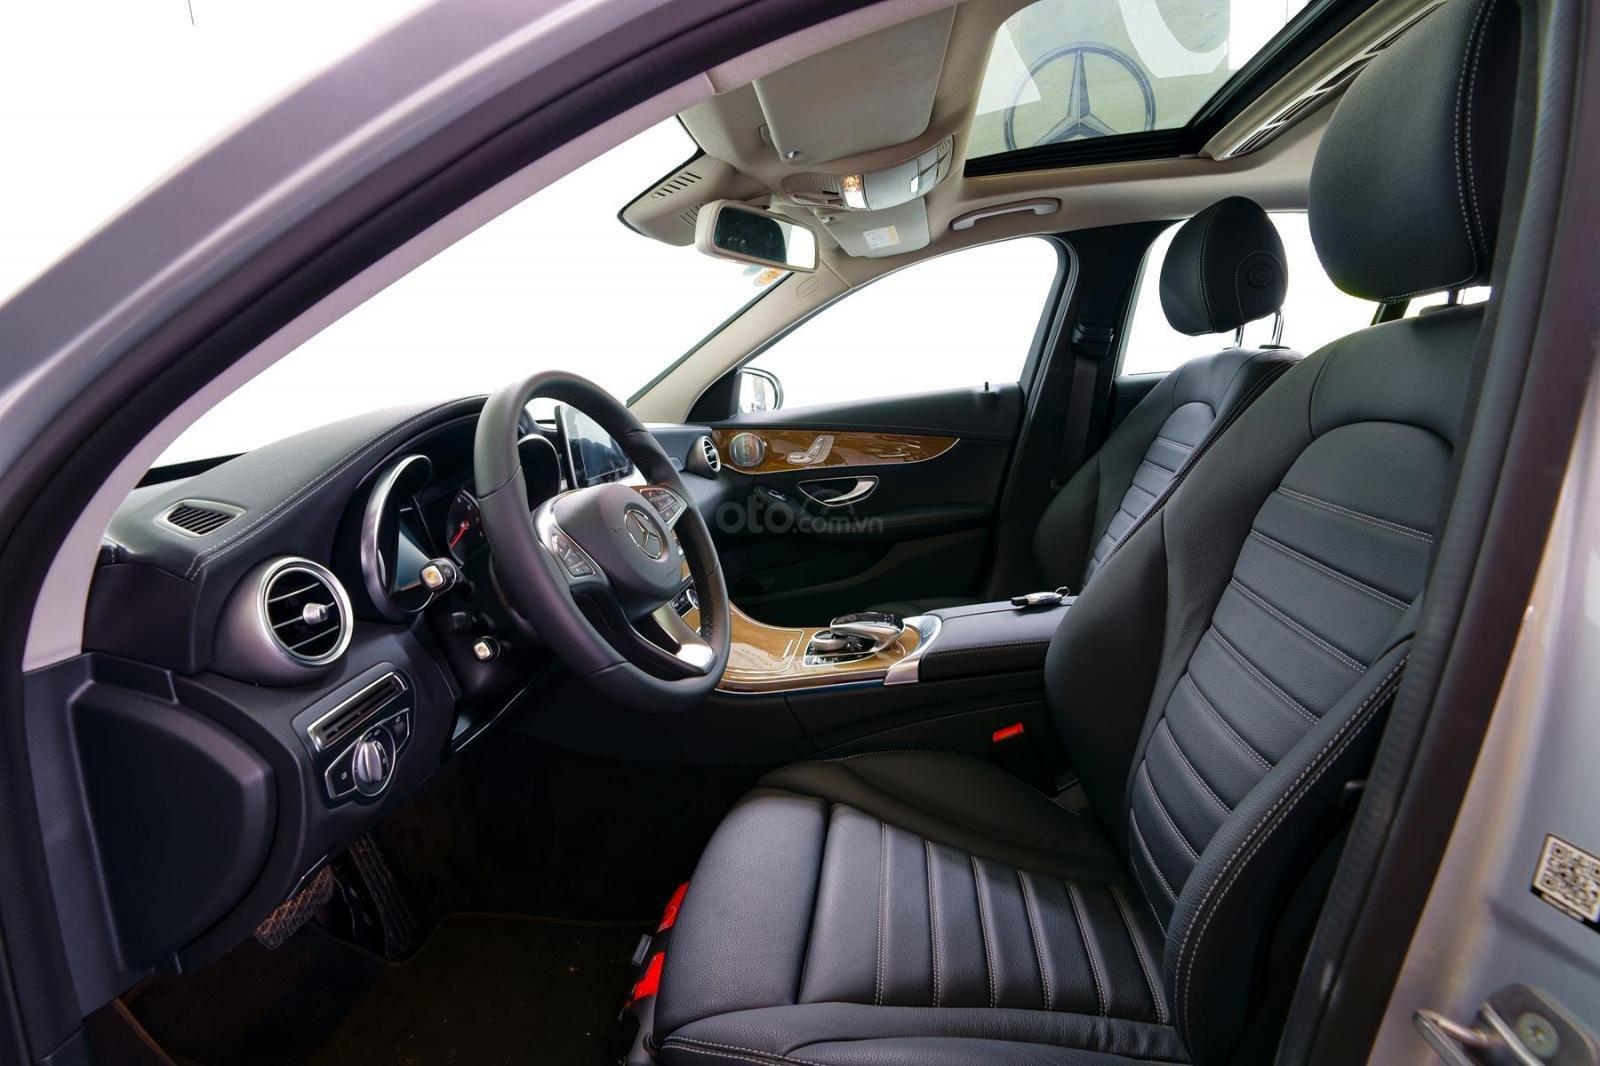 Bán xe Mercedes-Benz C250 Exclusive đăng ký 2019 - 1 tỷ 5 (6)